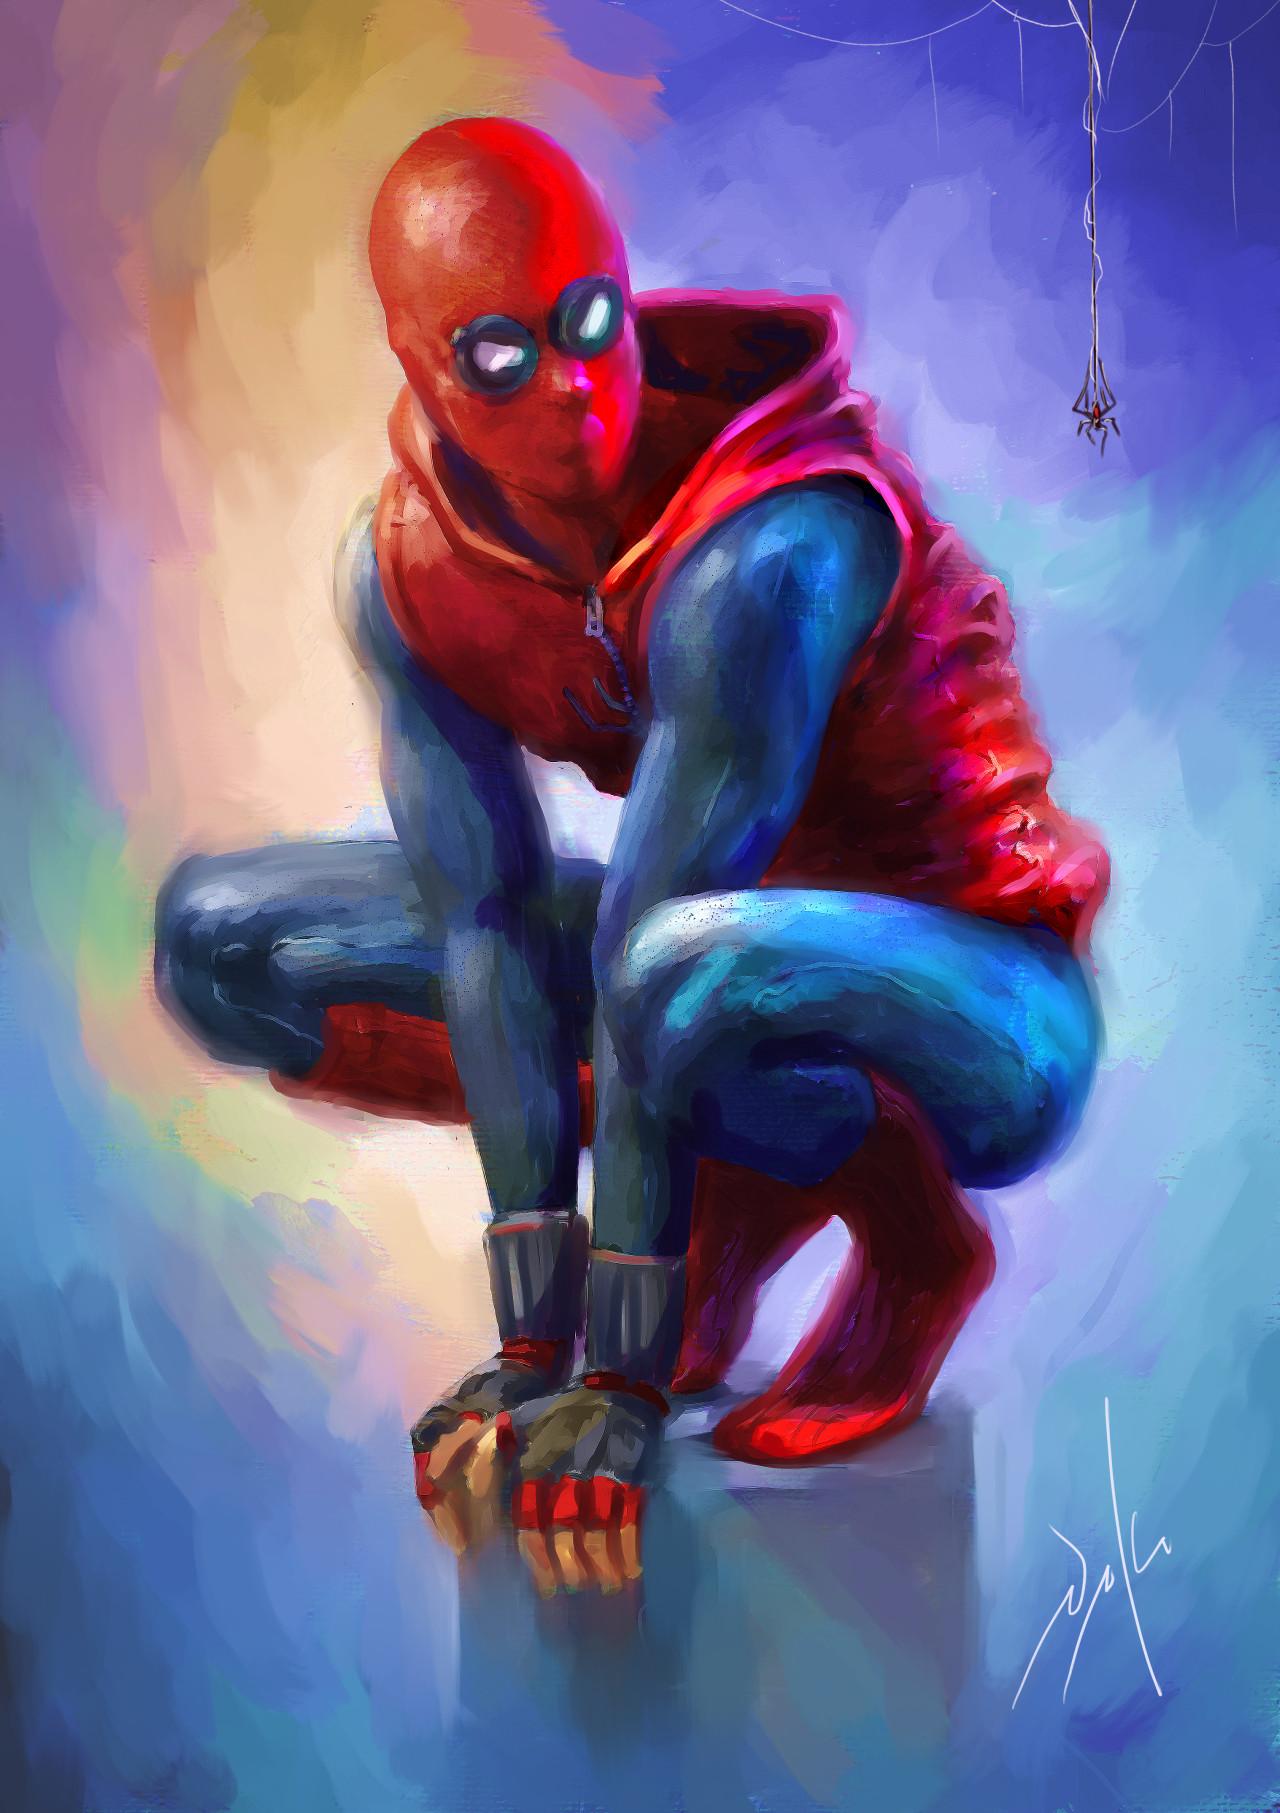 Naka isurita spiderman lowres